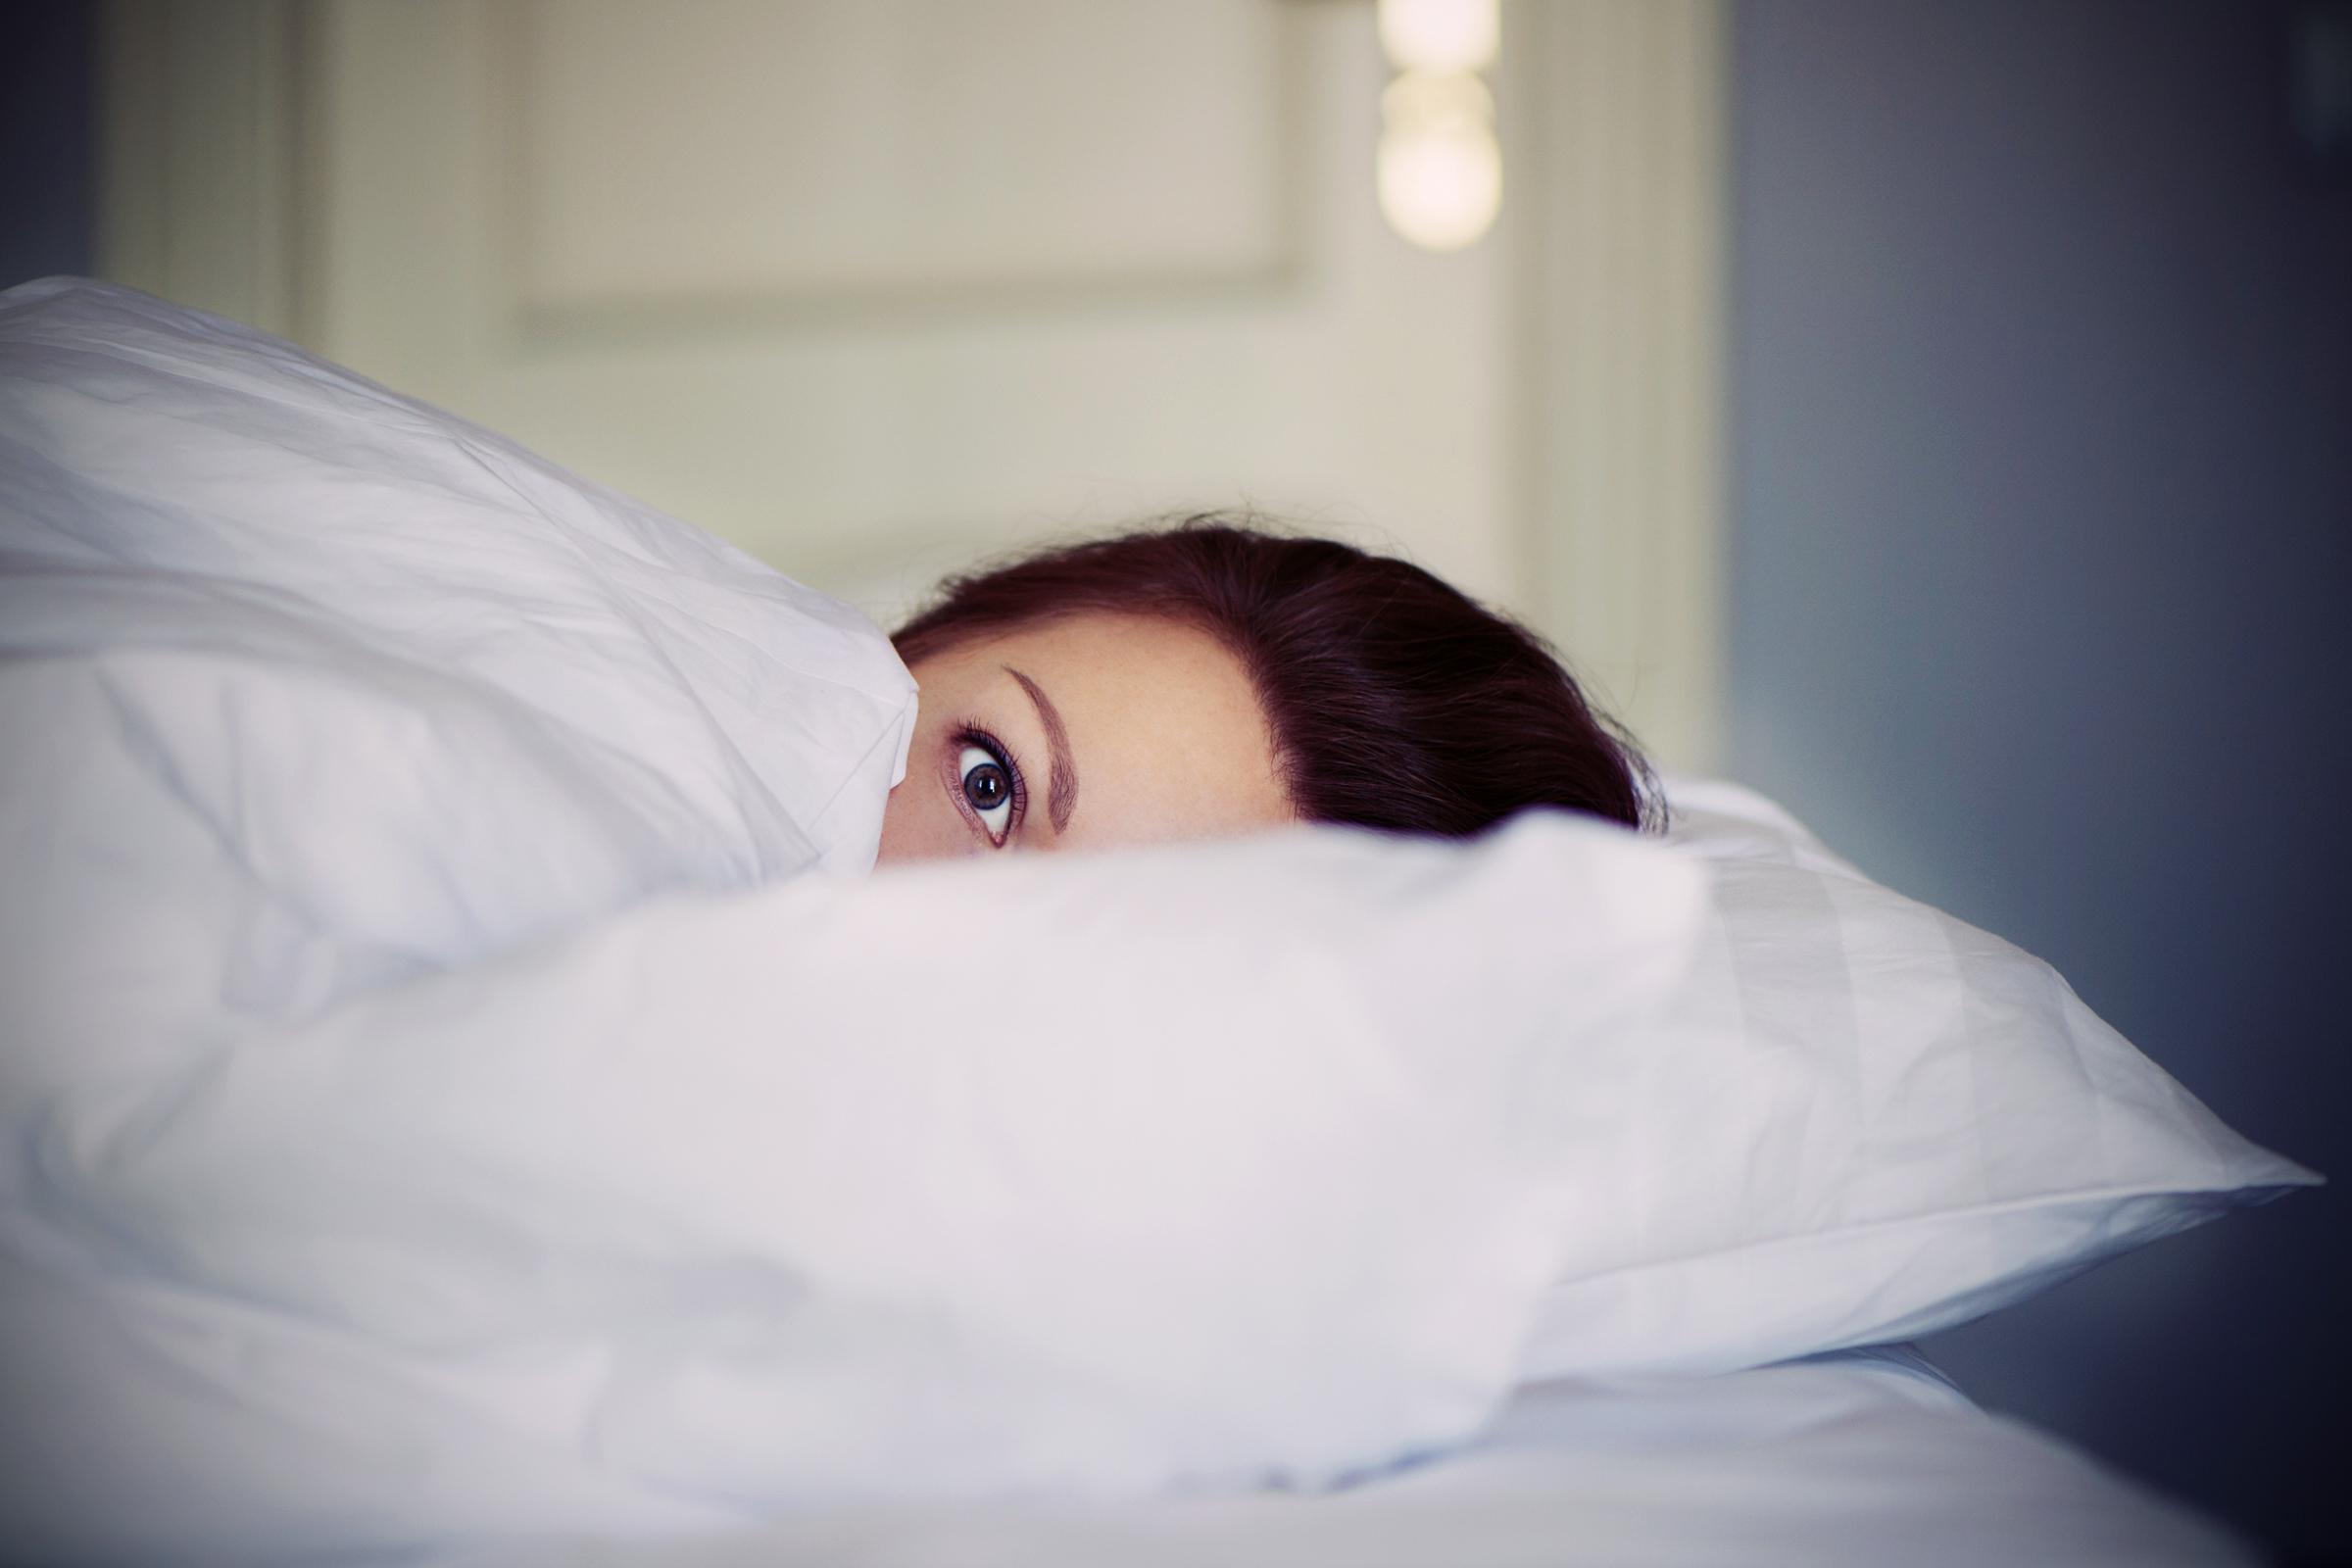 Magas vérnyomást okoz az álmatlanság | Csaláelektromoskerekparakkumulator.hu